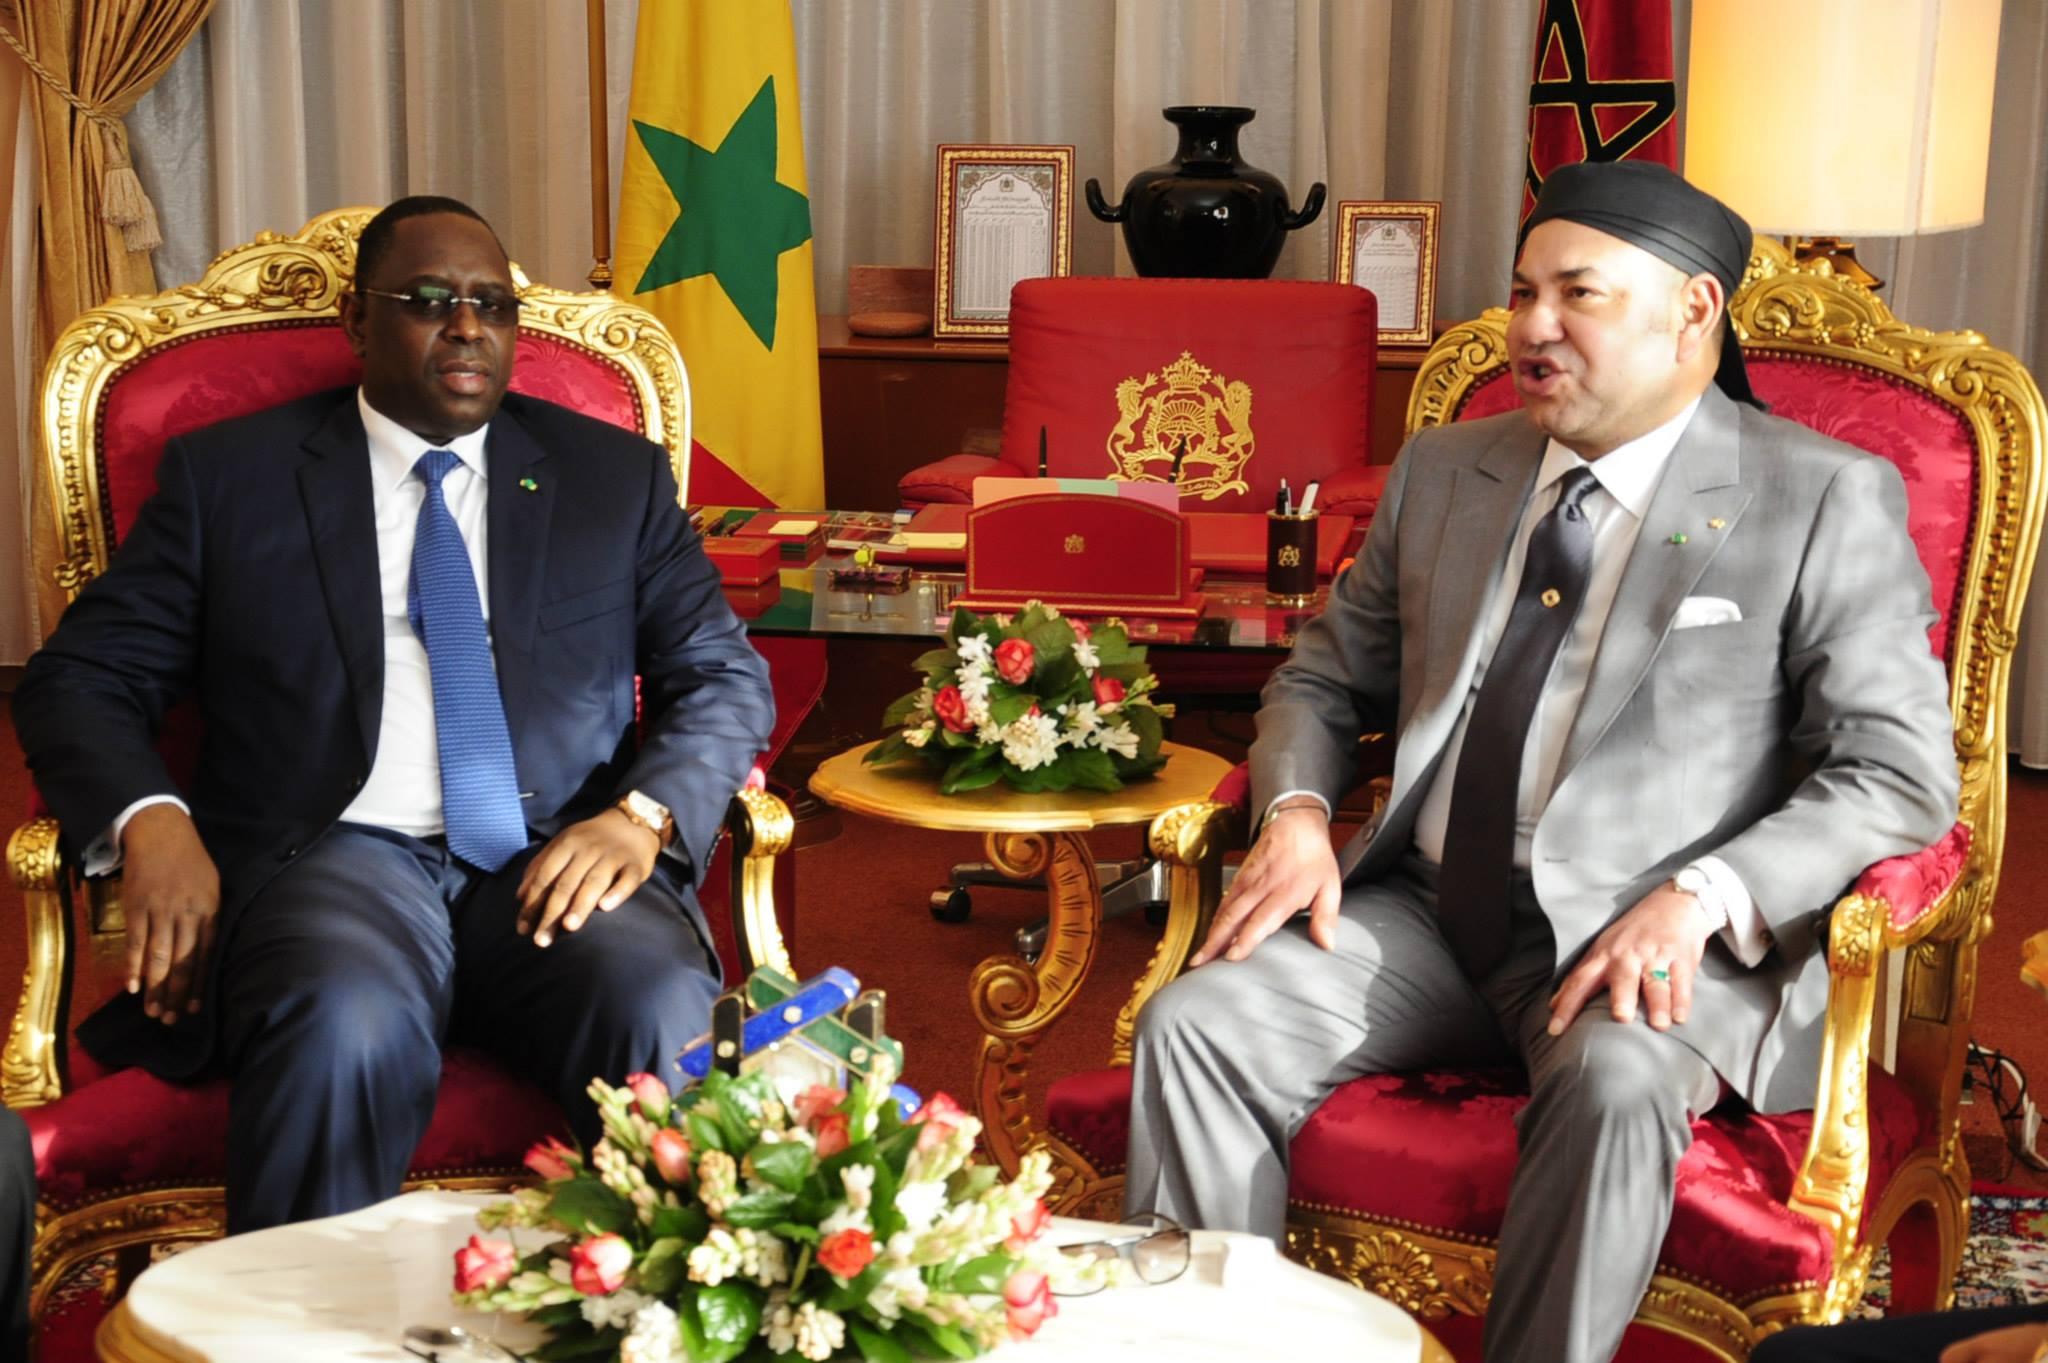 Mankeur à Rabat suite à la visite de Sidiki Kaba à Jérusalem : Mohammed VI est-il fâché contre le Sénégal ?